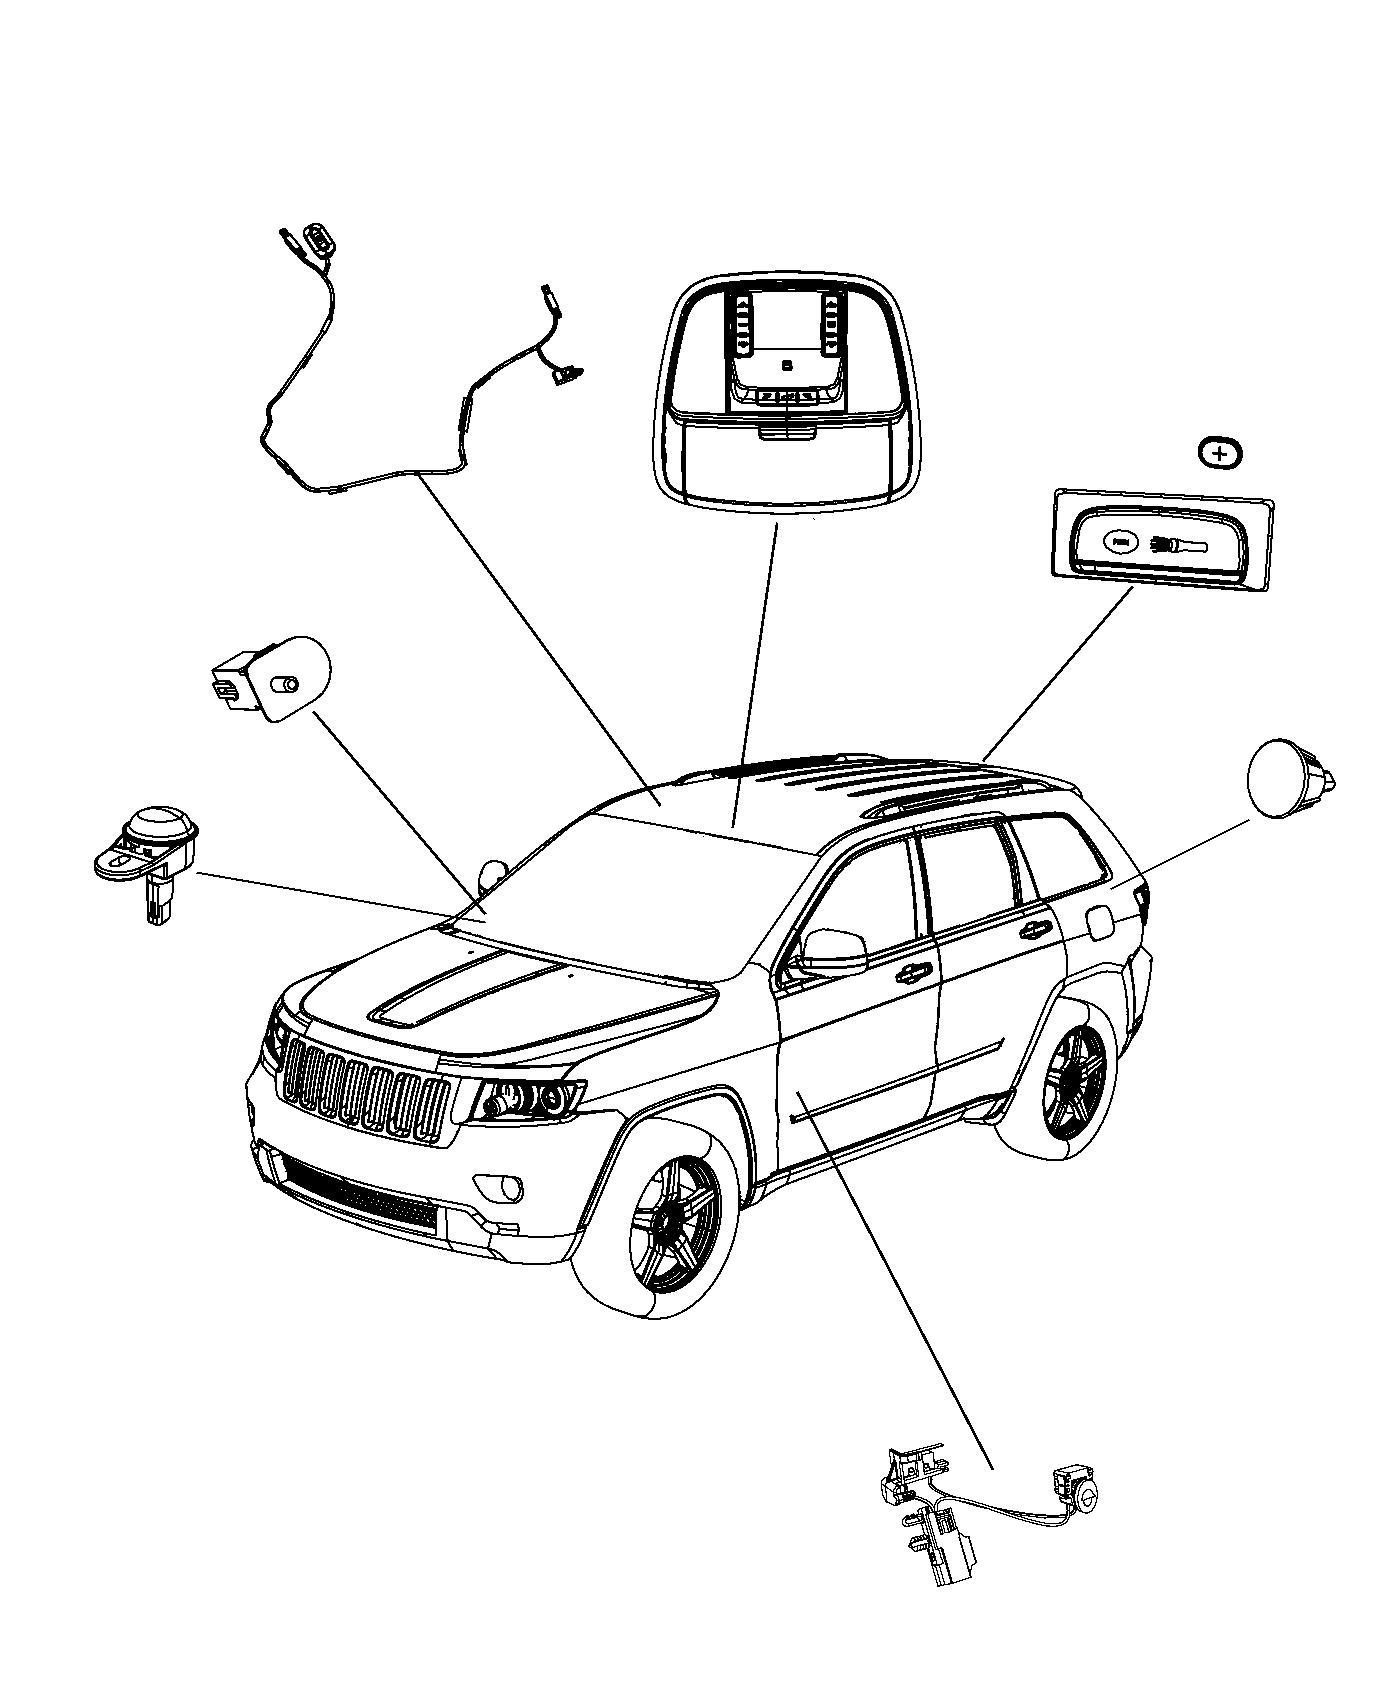 1996 jeep zj grand cherokee parts diagram